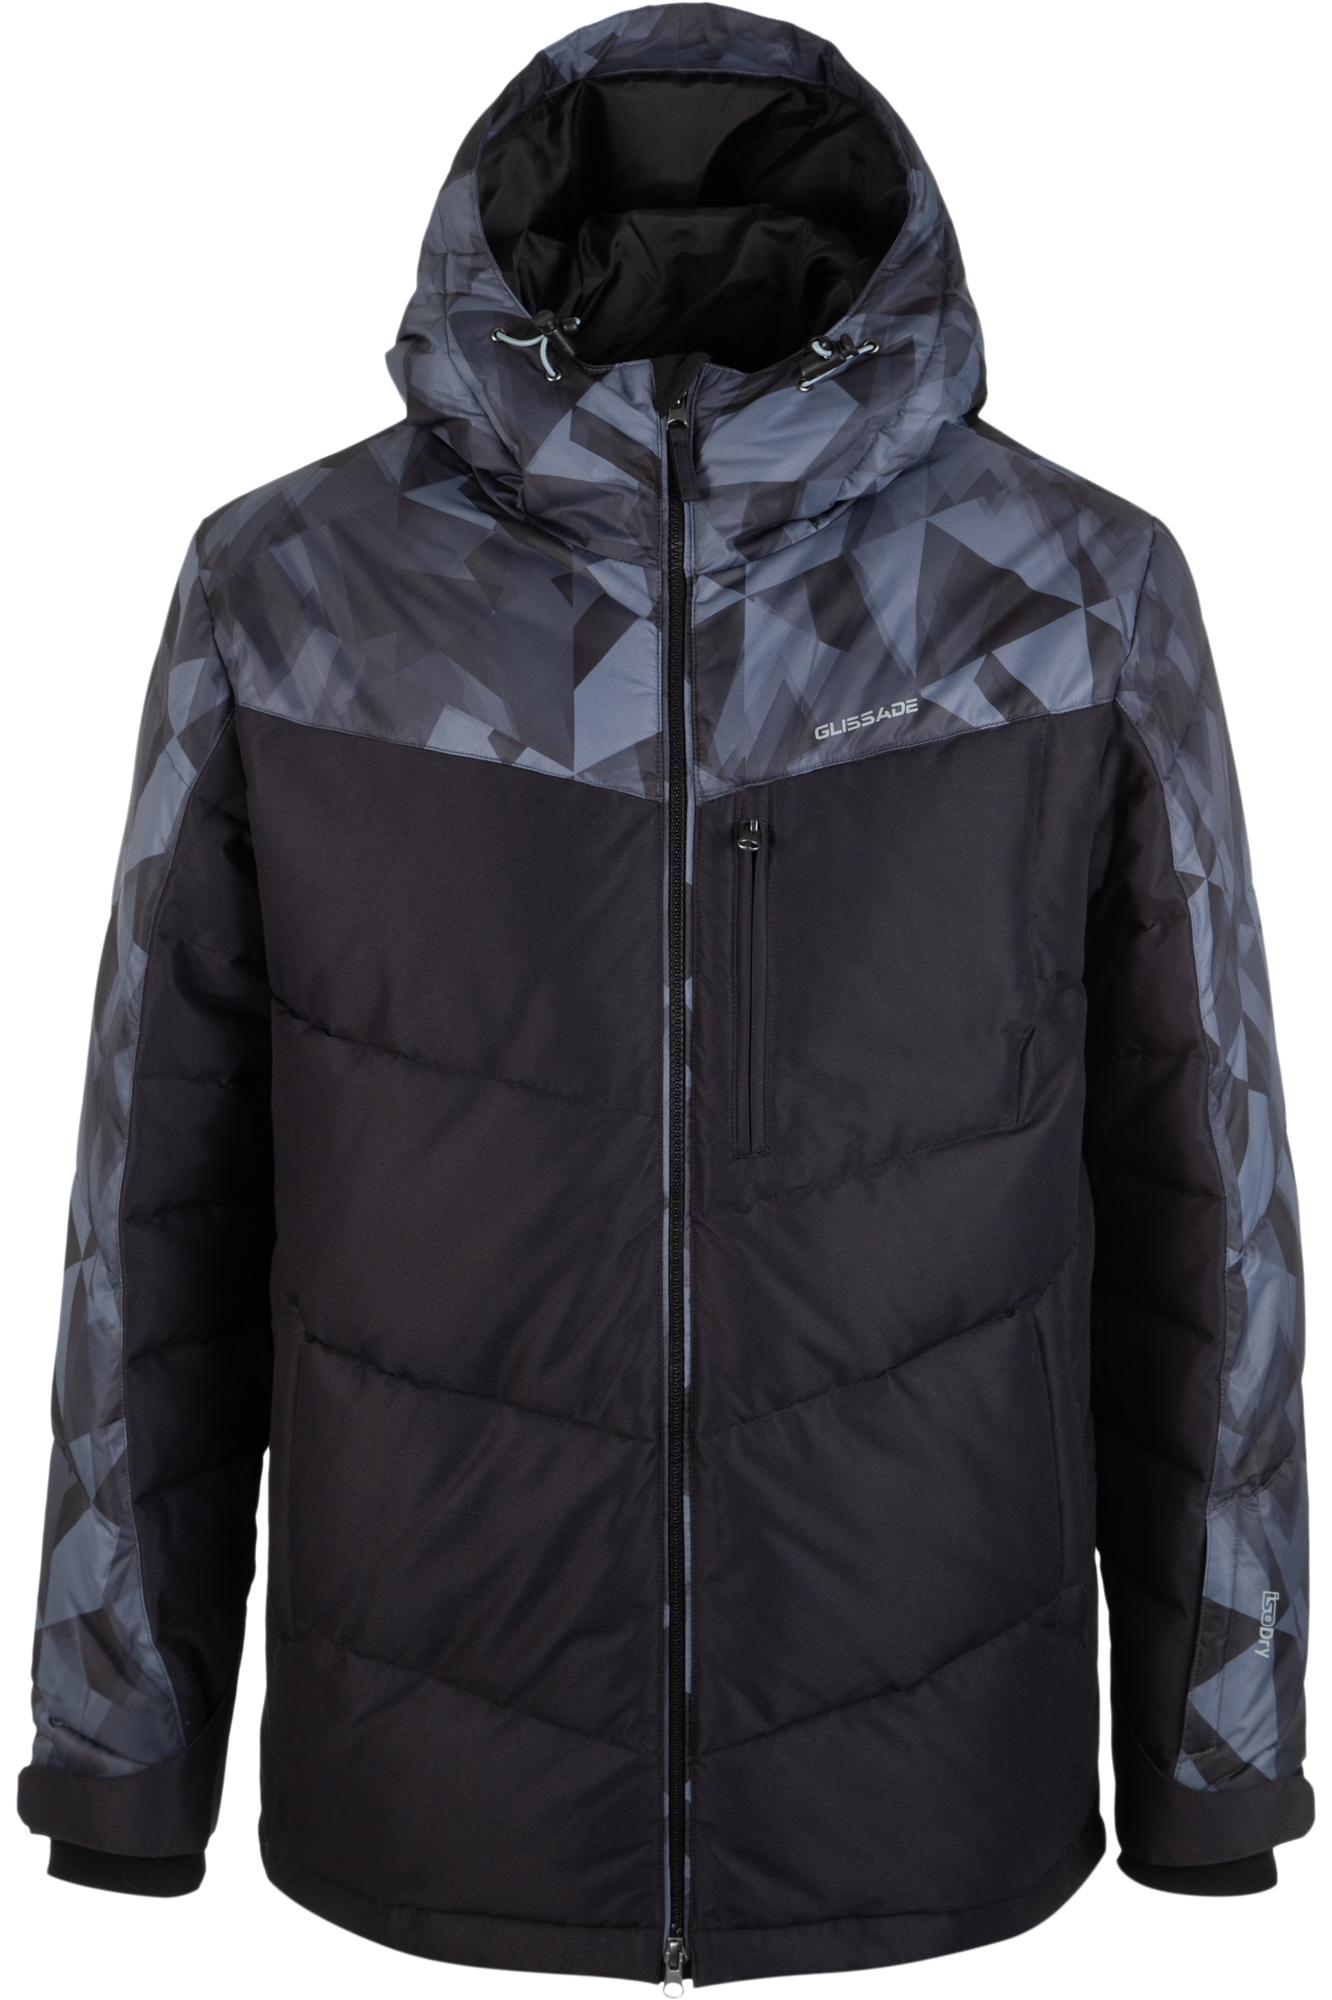 Glissade Куртка утепленная мужская Glissade, размер 56-58 glissade куртка утепленная мужская glissade размер 56 58